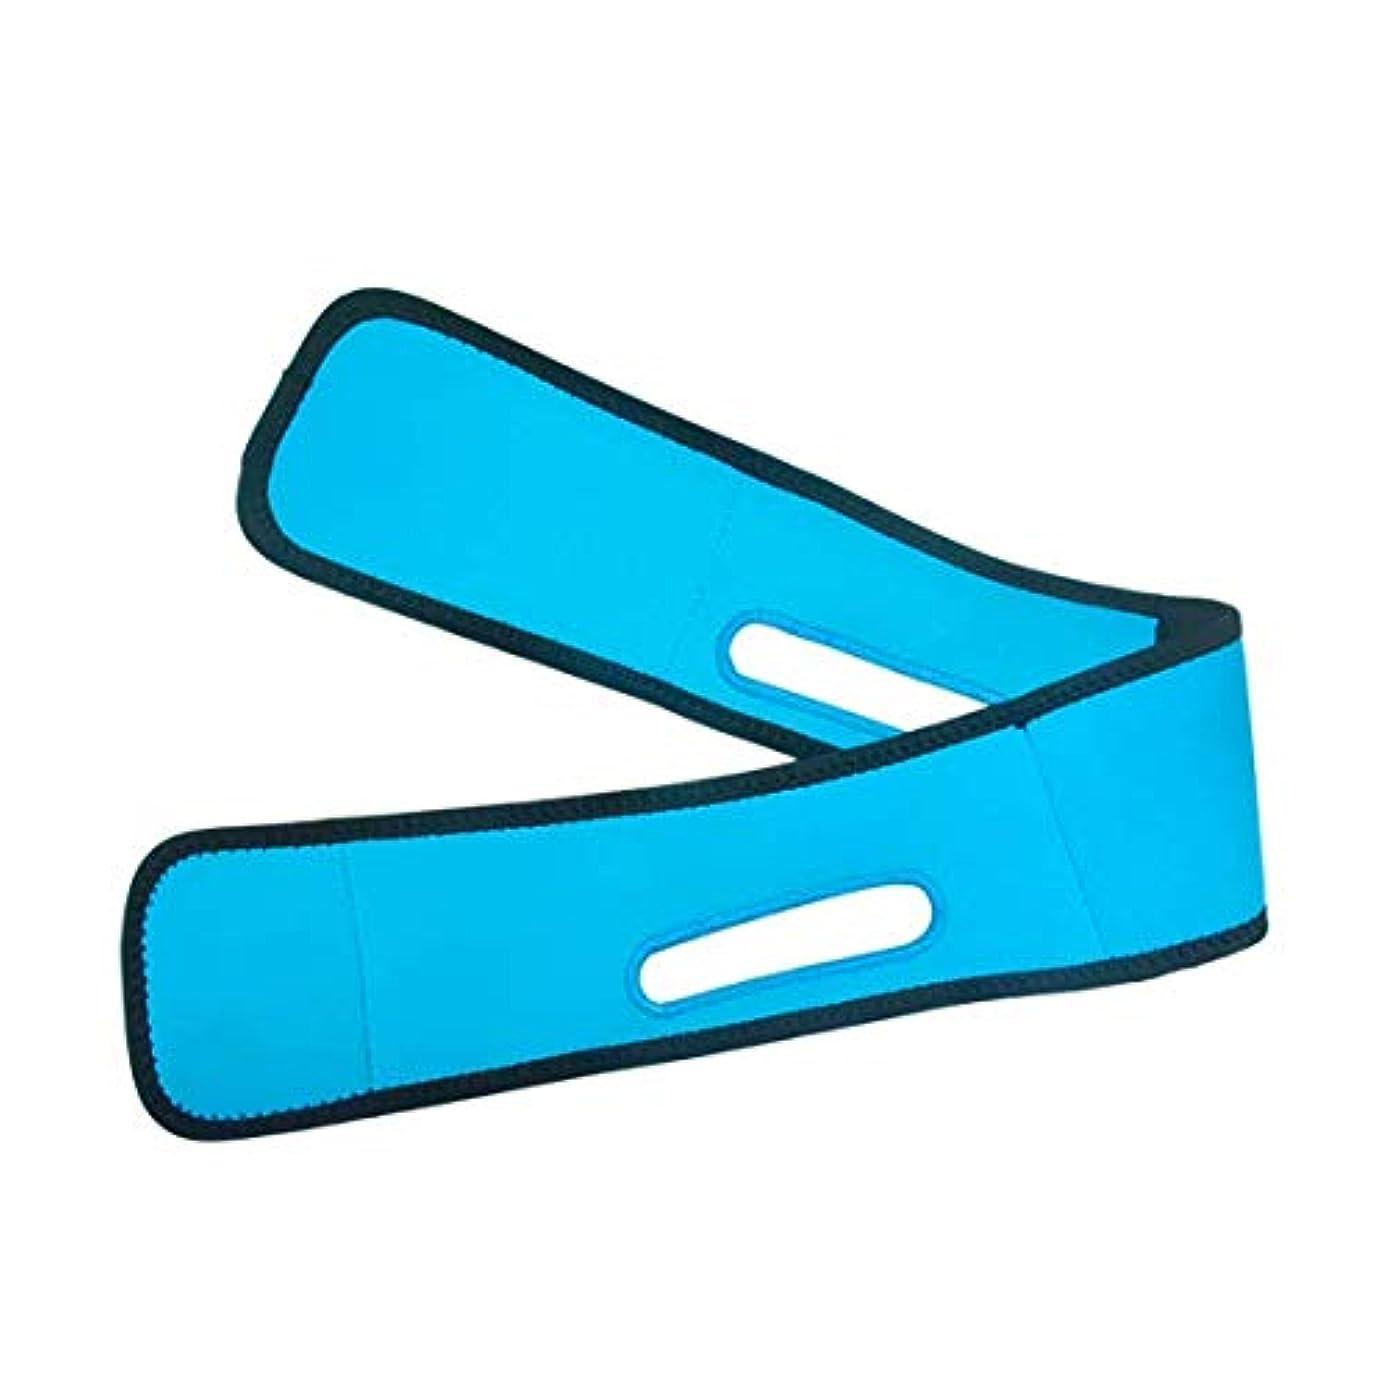 モッキンバード応援する誓うスリミングベルト、フェイスマスクVフェイスアーティファクトマッサージマスクで顎の筋肉の収縮を強化し、Vフェイスリフトのタイトな包帯を簡単に形成